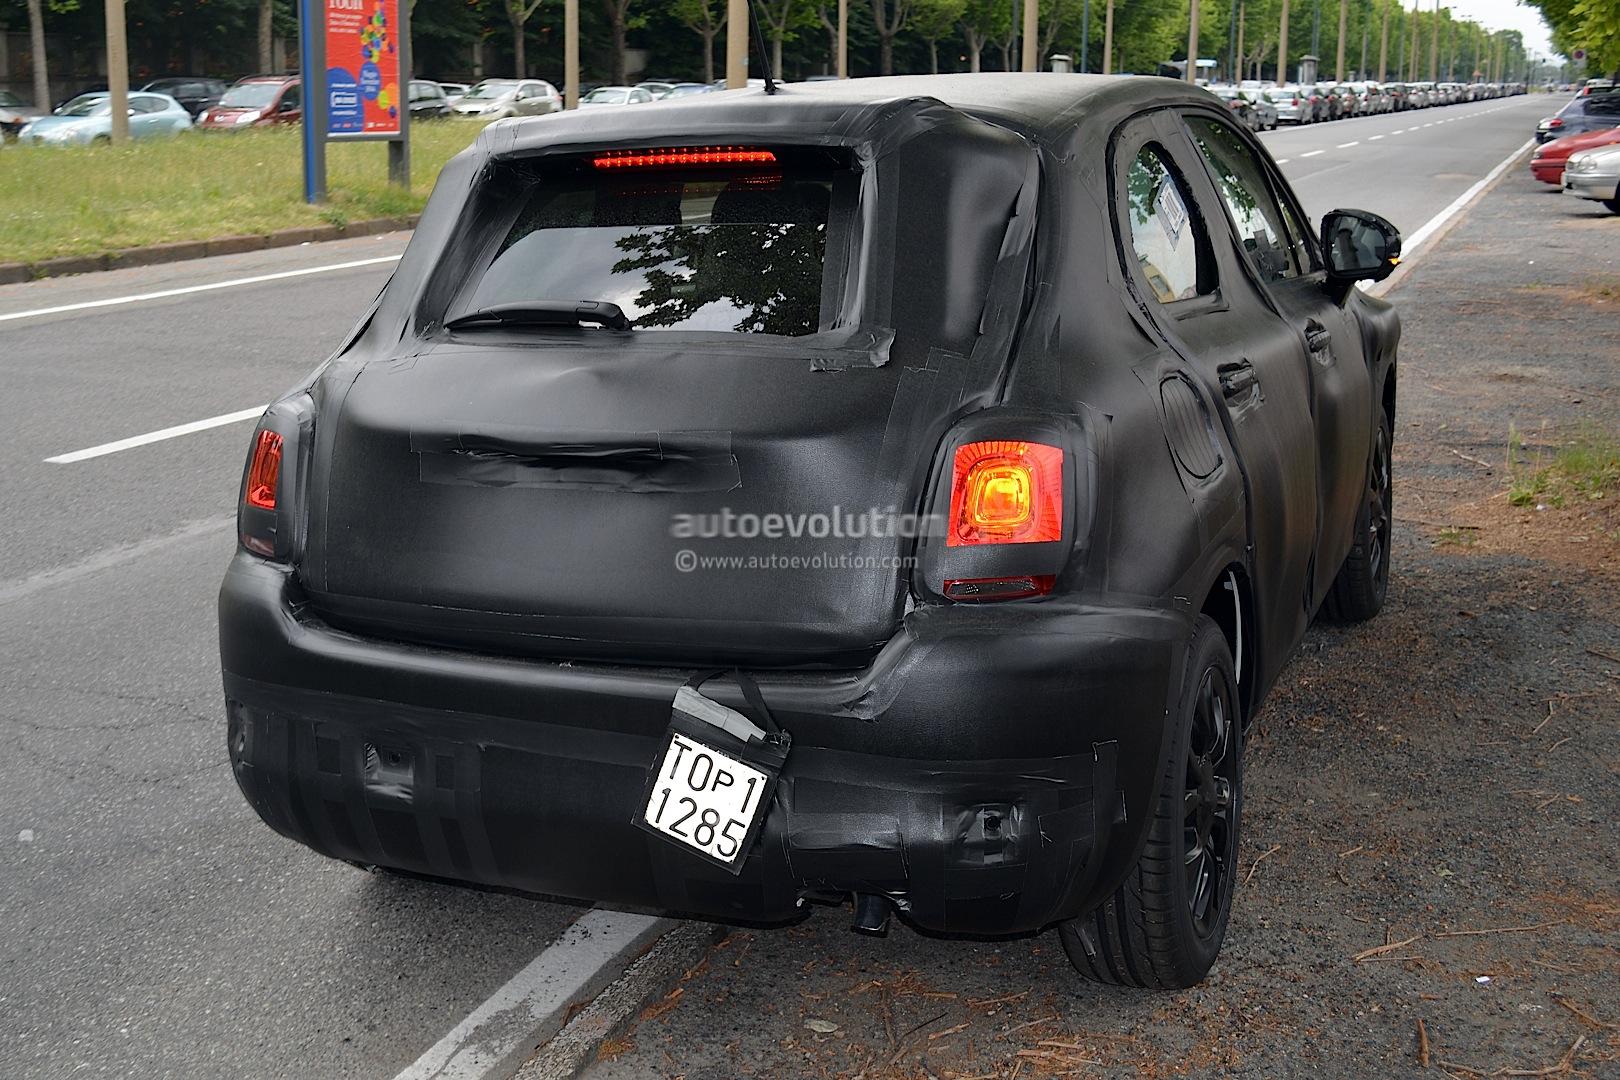 Fiat 500X Interior Fiat 500X Fiat 500X